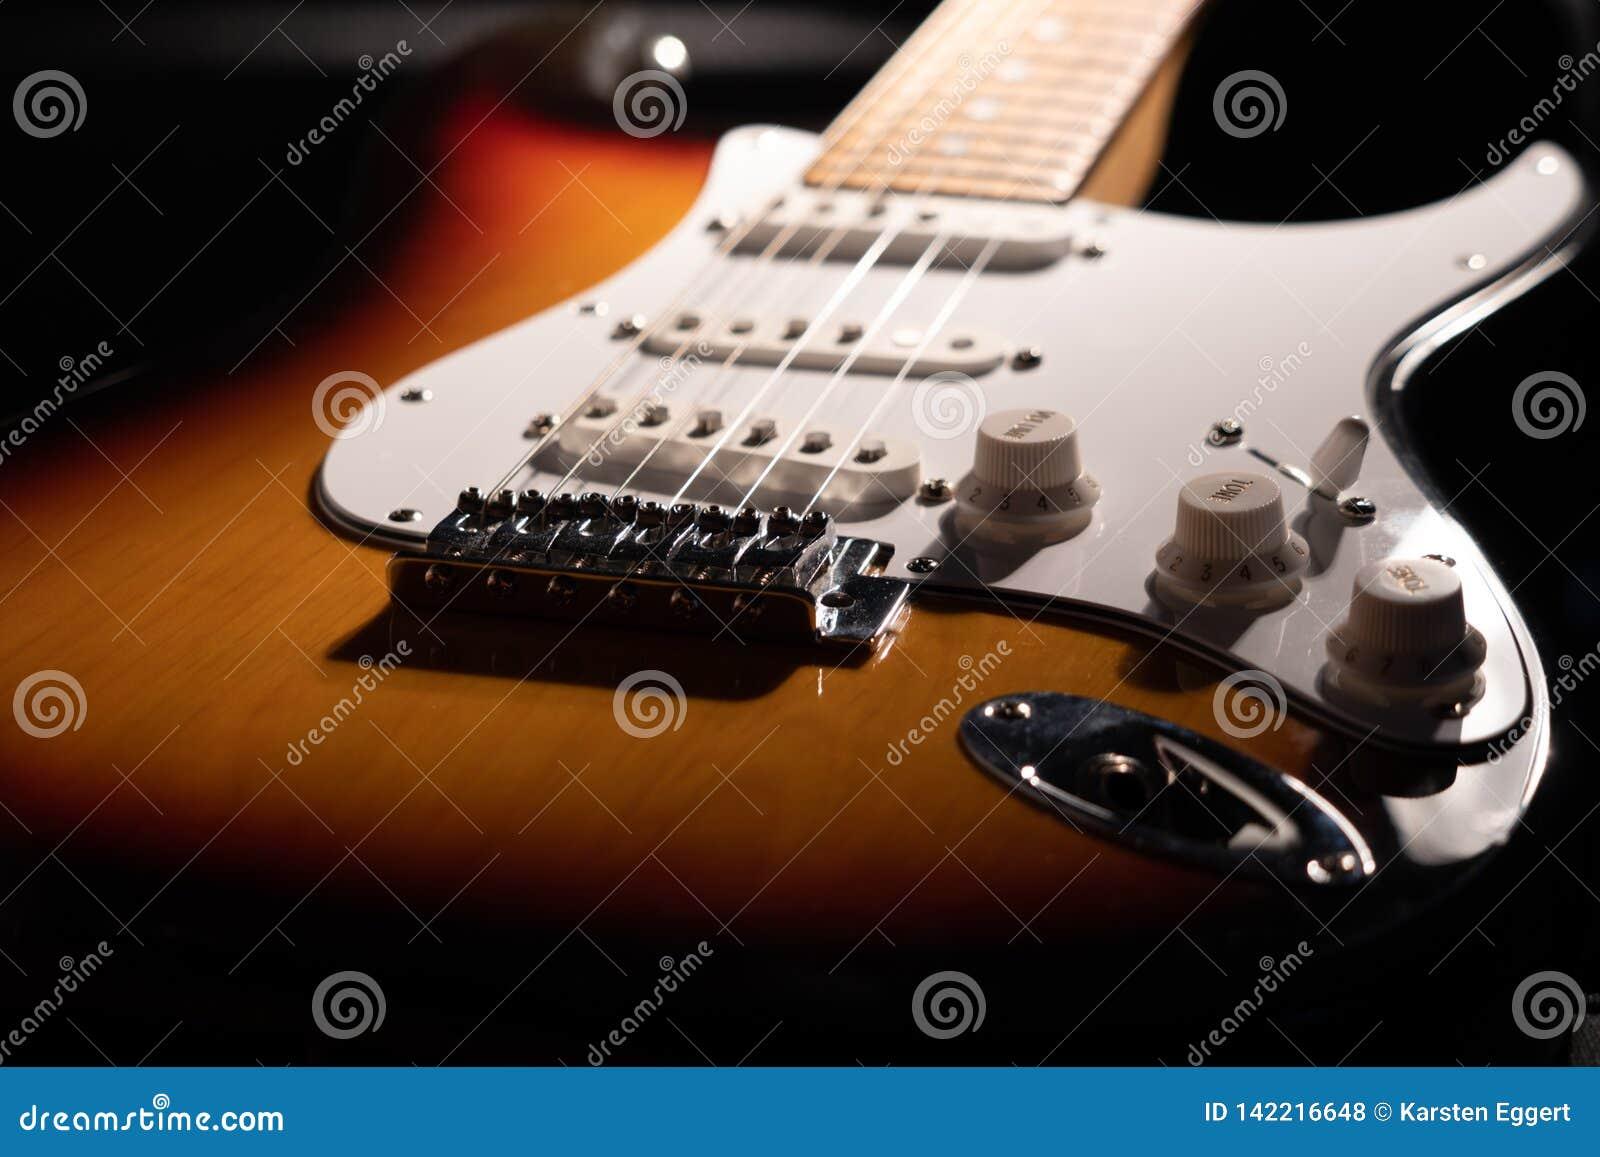 Närbild av en sunburst elektrisk gitarr